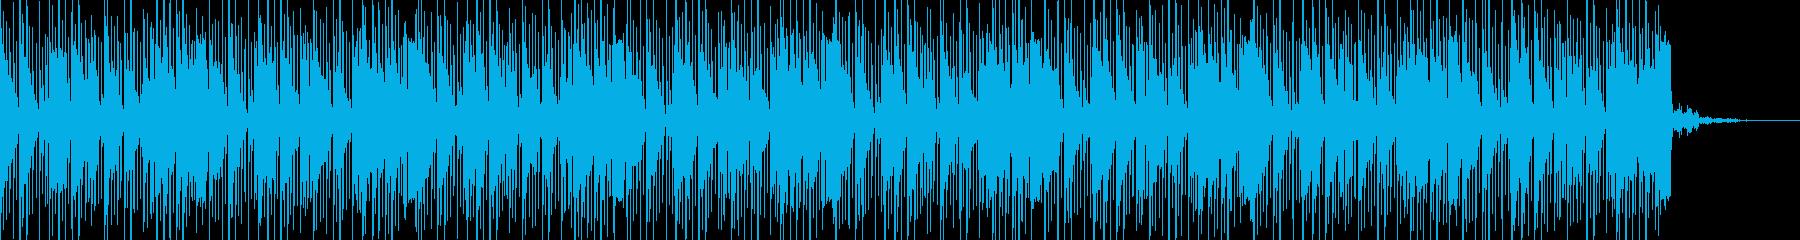 疾走感のある近未来的ビートの再生済みの波形